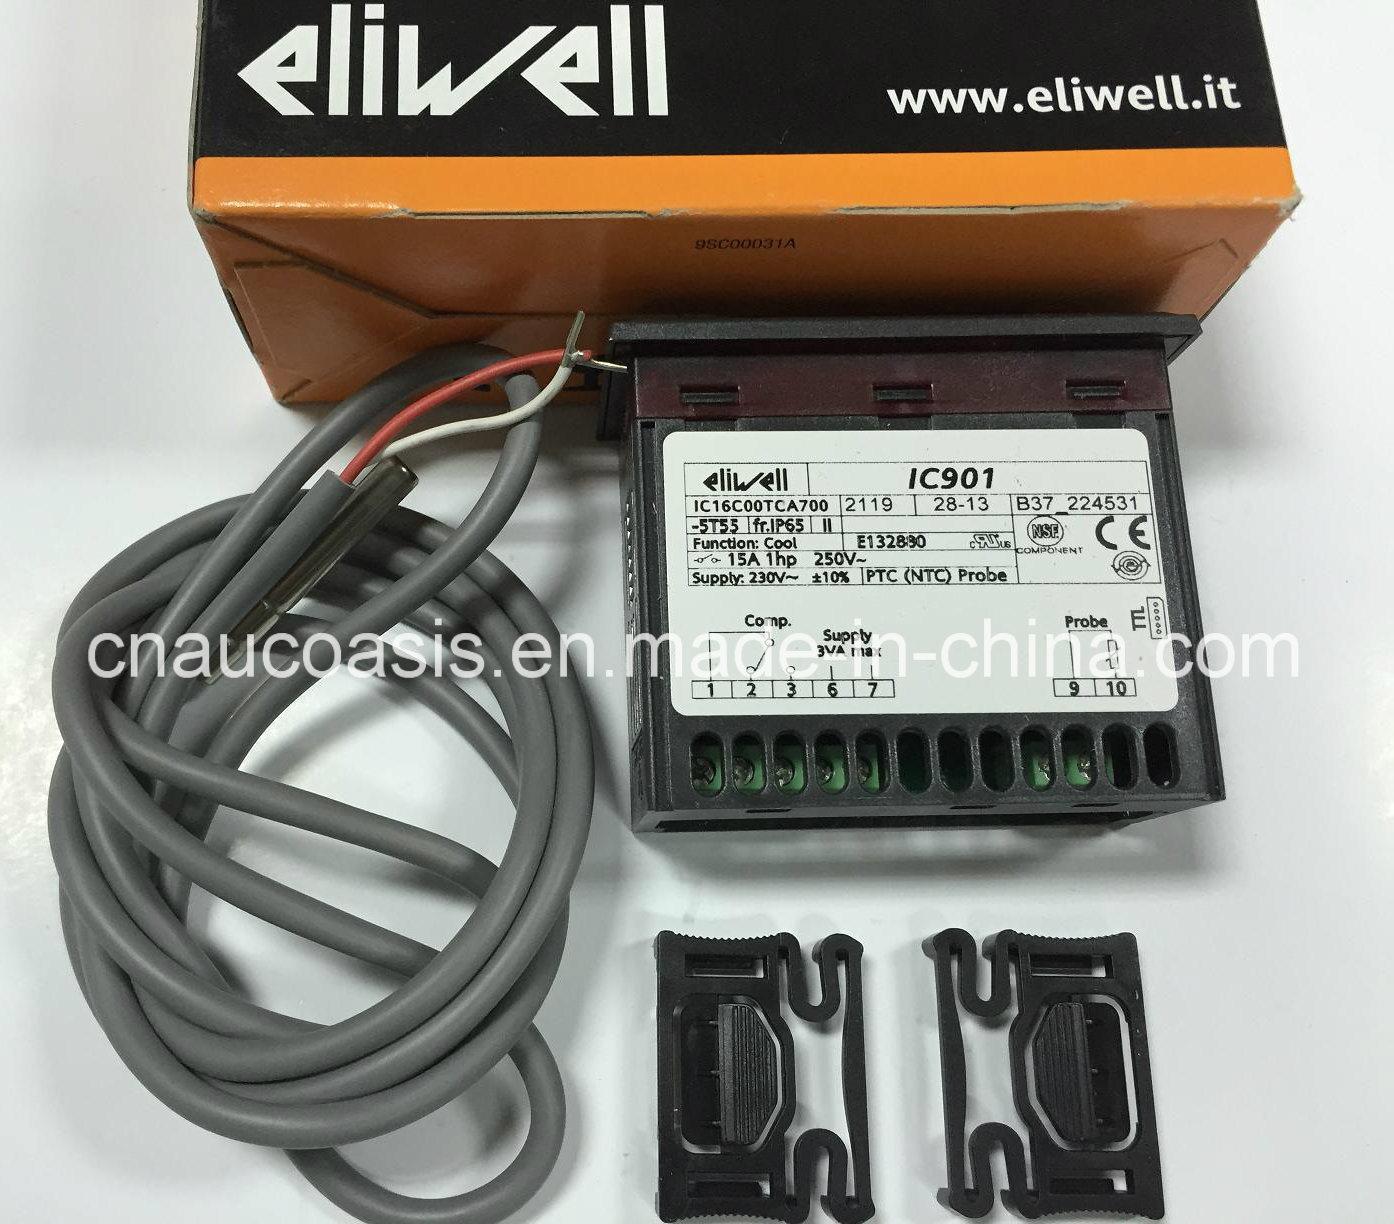 IC901 Italy Original Eliwell Temperature Controller